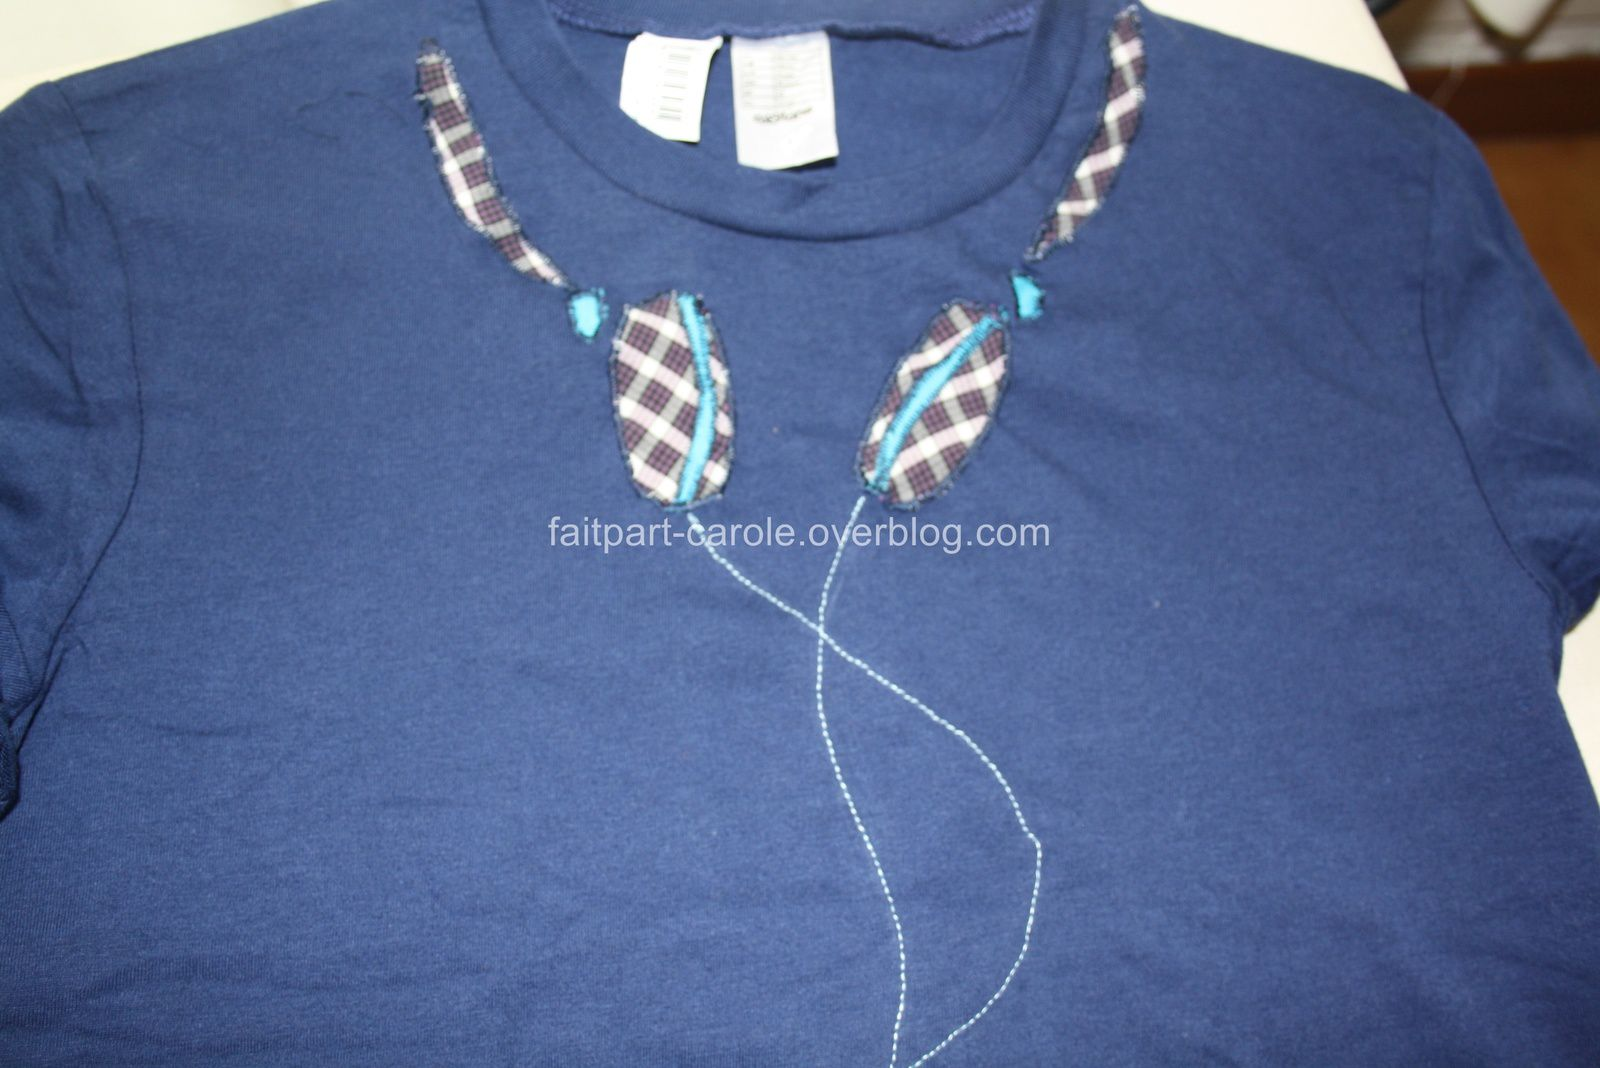 et tee-shirt écouteur pour un garçon qui doit aimer la musique autant que ma bricole numéro 1